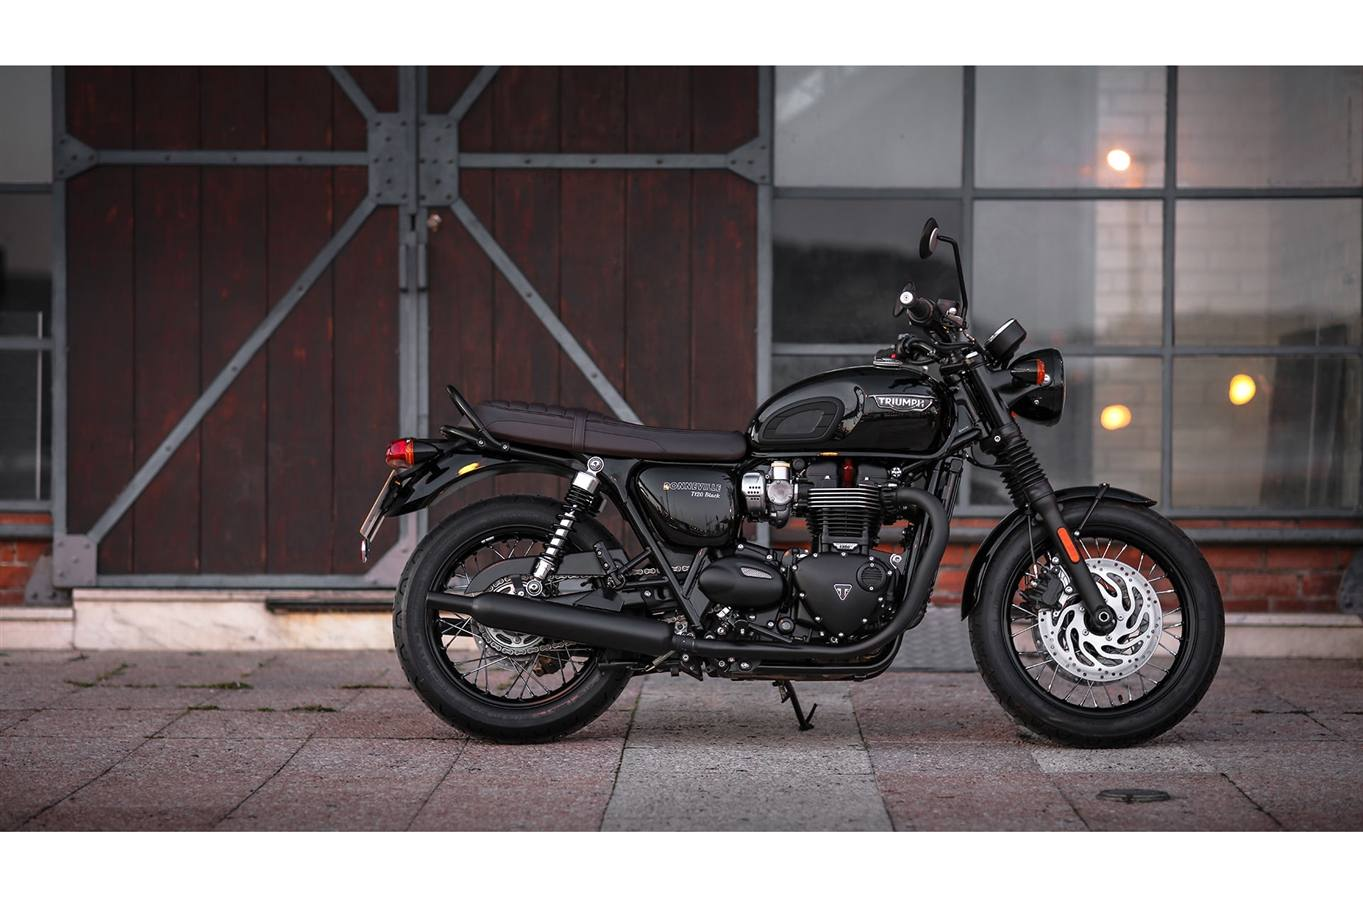 2020 Triumph Bonneville T120 Black For Sale In Harrisonburg Va Triumph Motorcycles Of Harrisonburg Harrisonburg Va 540 564 0990